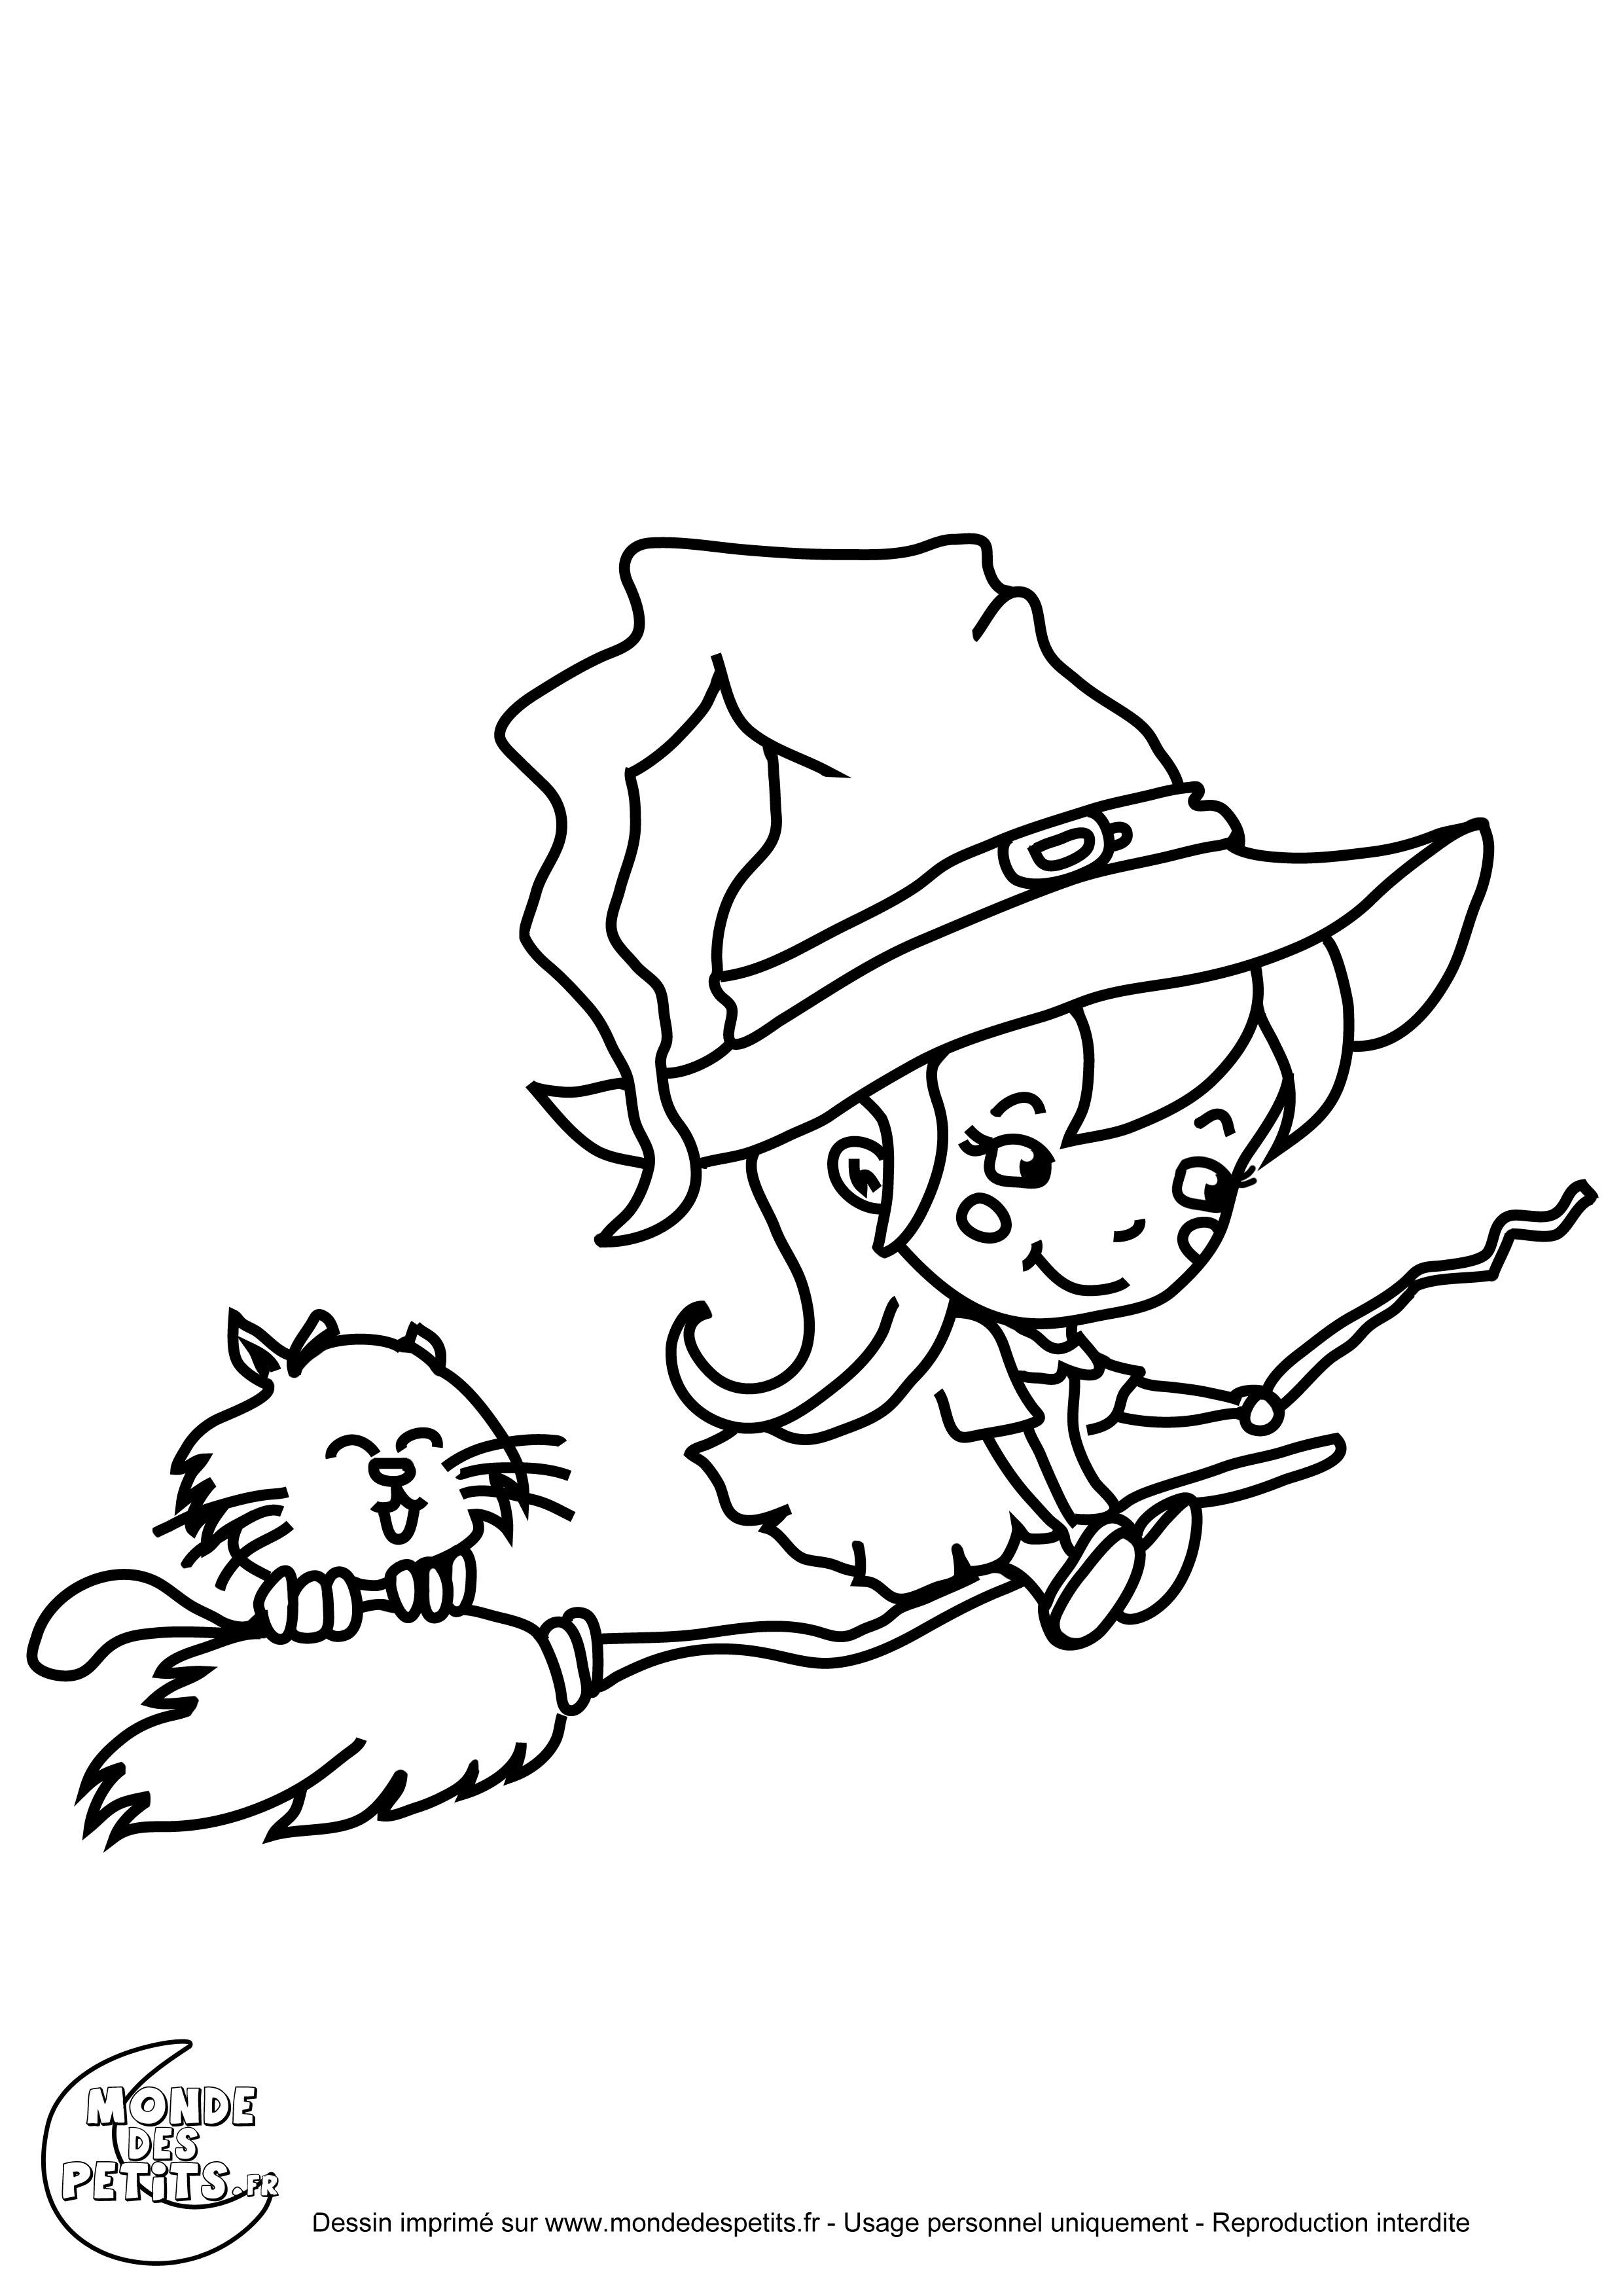 Monde des petits coloriages imprimer - Le jeux de la sorciere qui fait peur ...